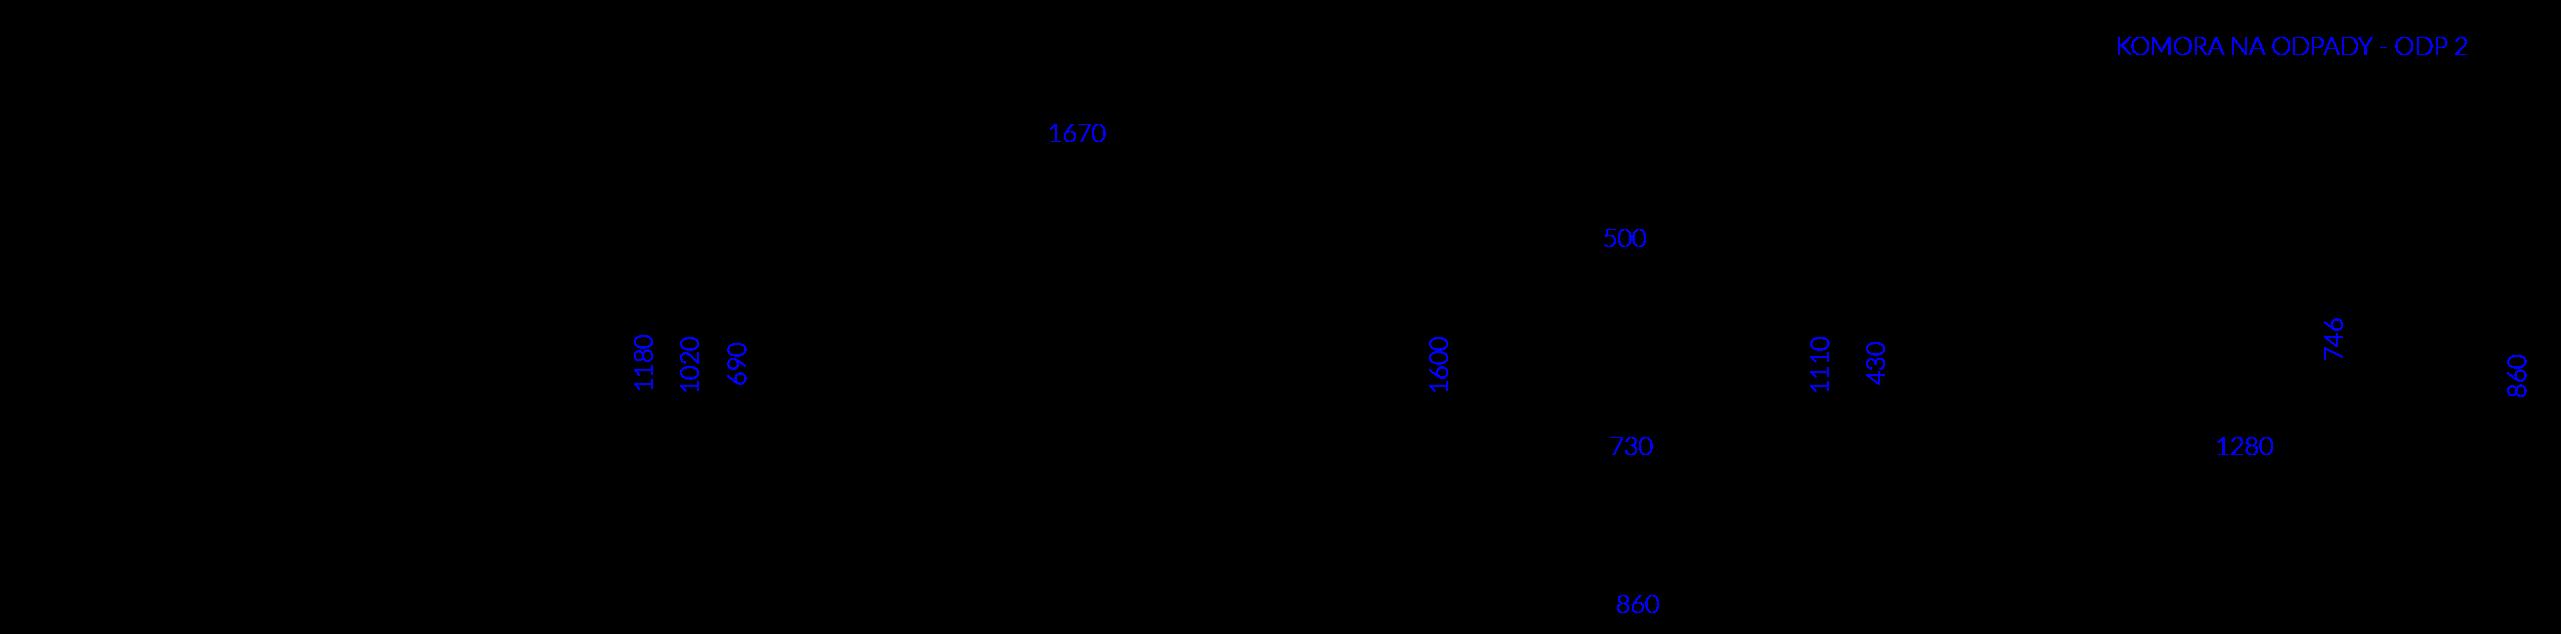 Technische Bezeichnung KOMORA ODP 2